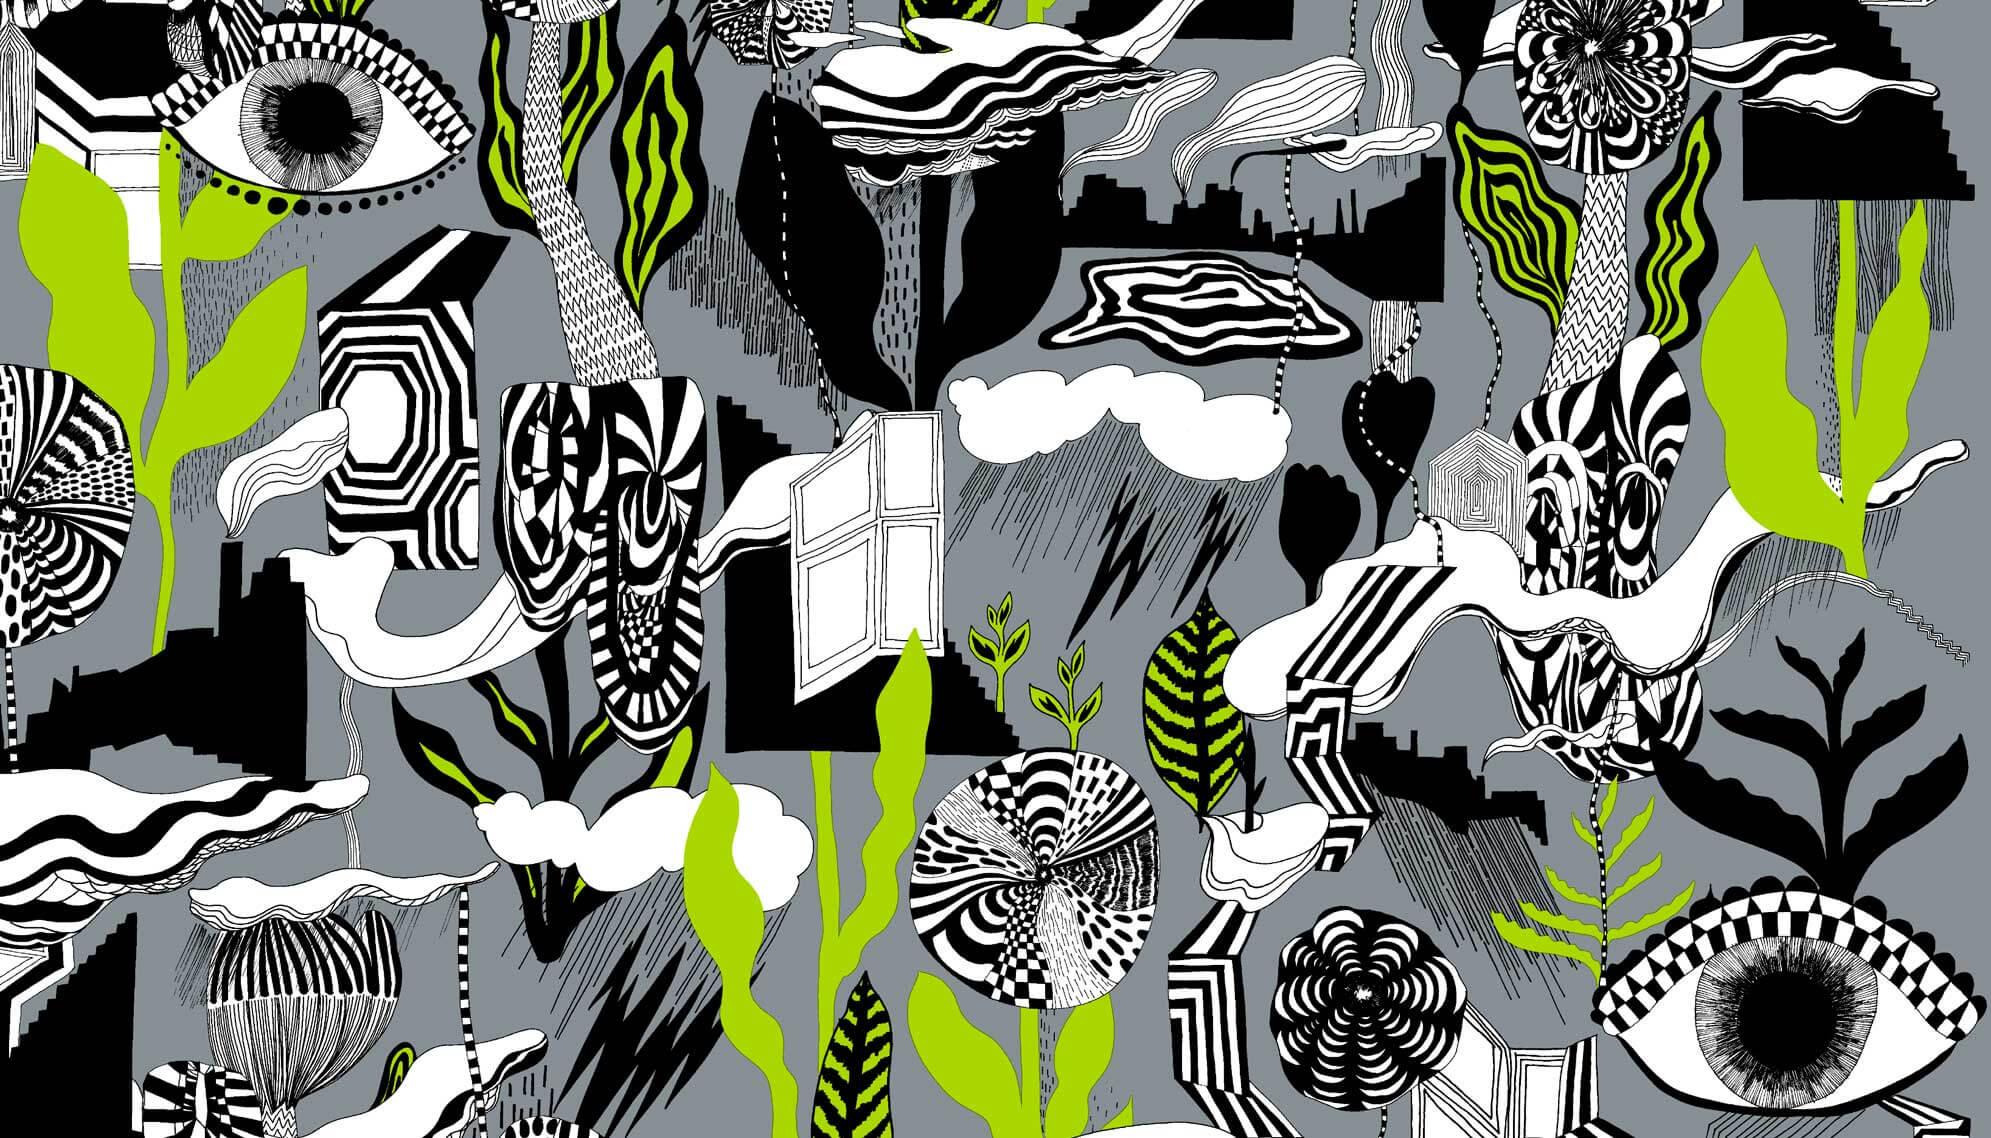 <a href='https://revistaaxxis.com.co/marimekko-convoca-hackathon-de-diseno/'><h2>Marimekko convoca hackathon de diseño</h2>Finlandia cumple 100 años como nación independiente y para celebrarlo la marca local de diseño Marimekko convoca a un Designathon.</a>